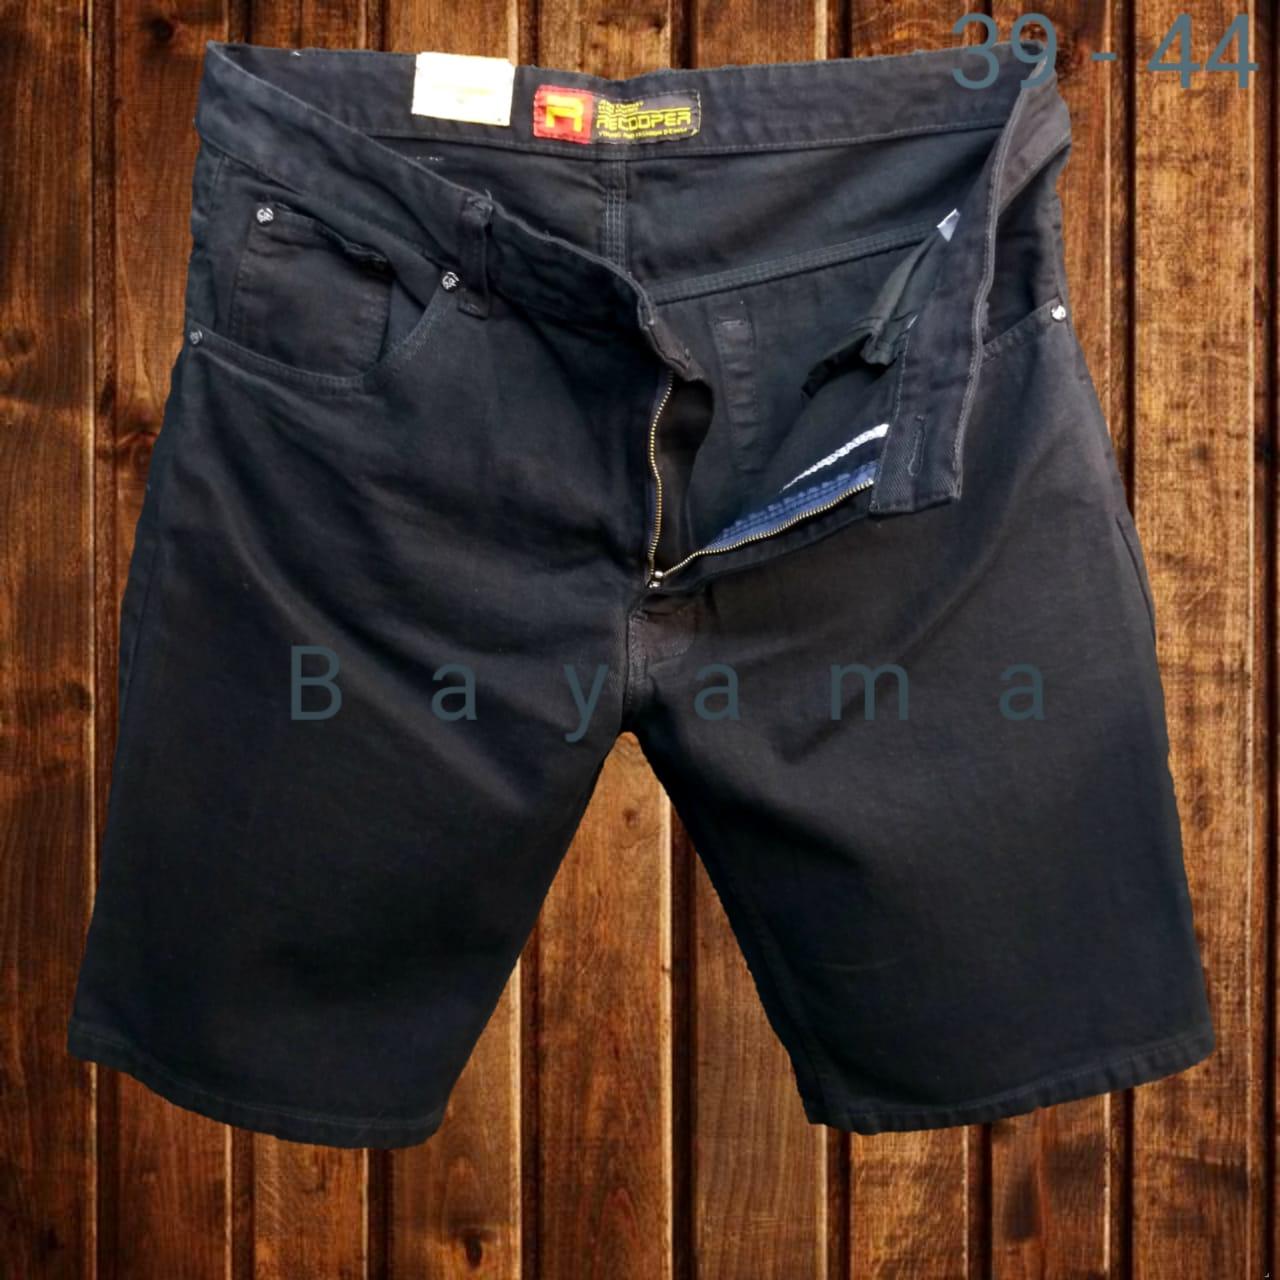 promo/cod/celana pendek pria distro//celana jeans pendek pria//celana pendek jeans //pendek big size//af recooper